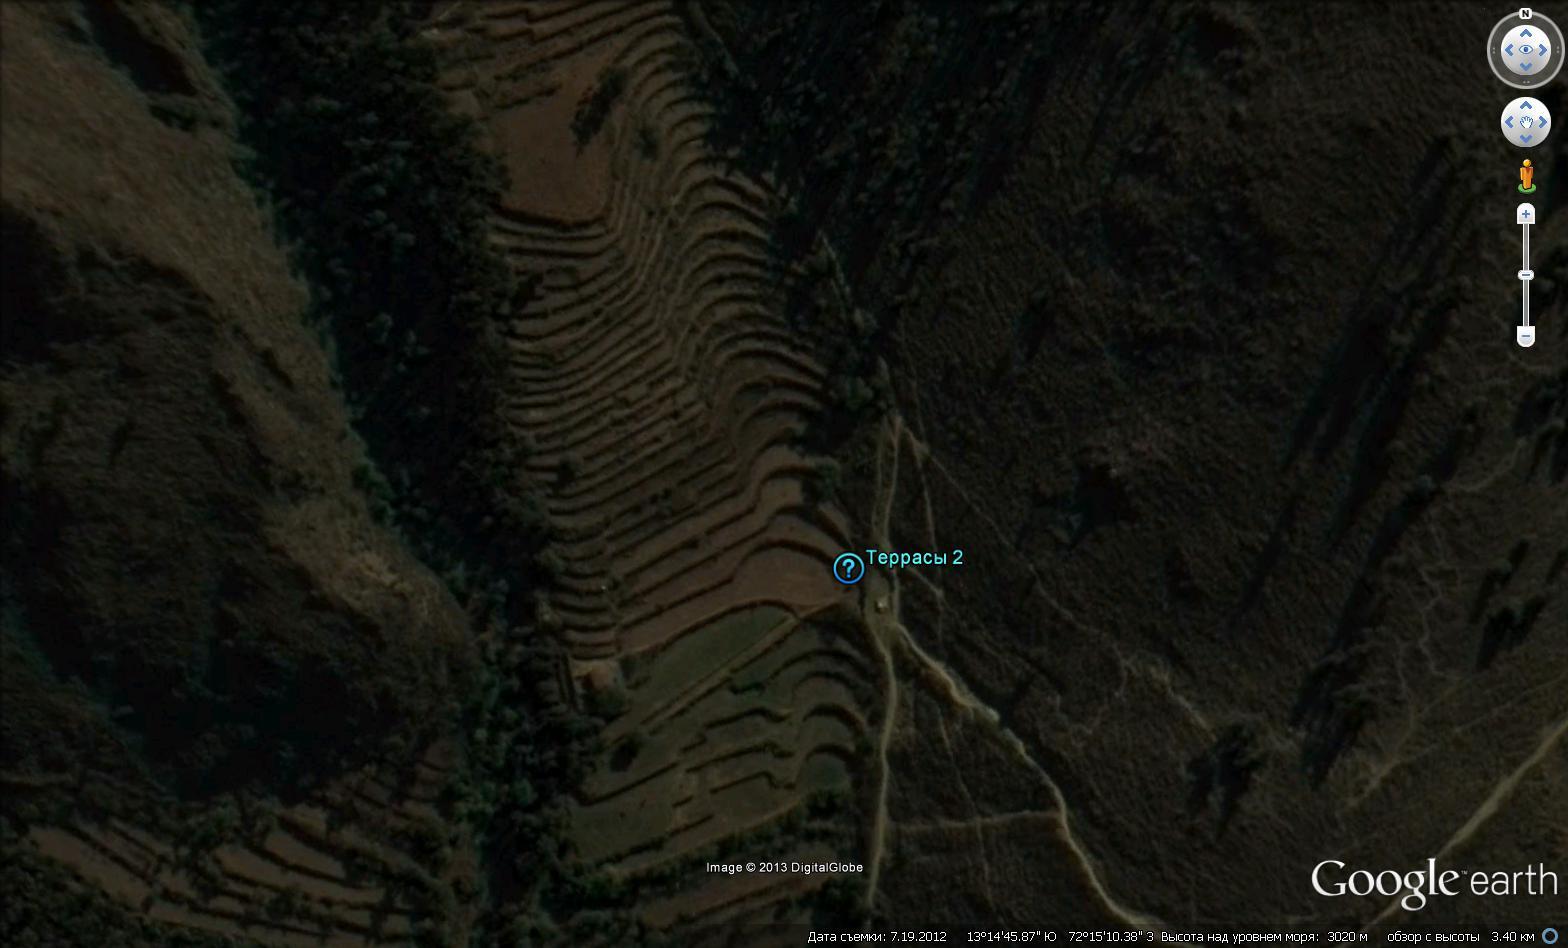 Геометрически правильные террасы вокруг ОльянтайтамбоГеометрически правильные террасы вокруг Ольянтайтамбо